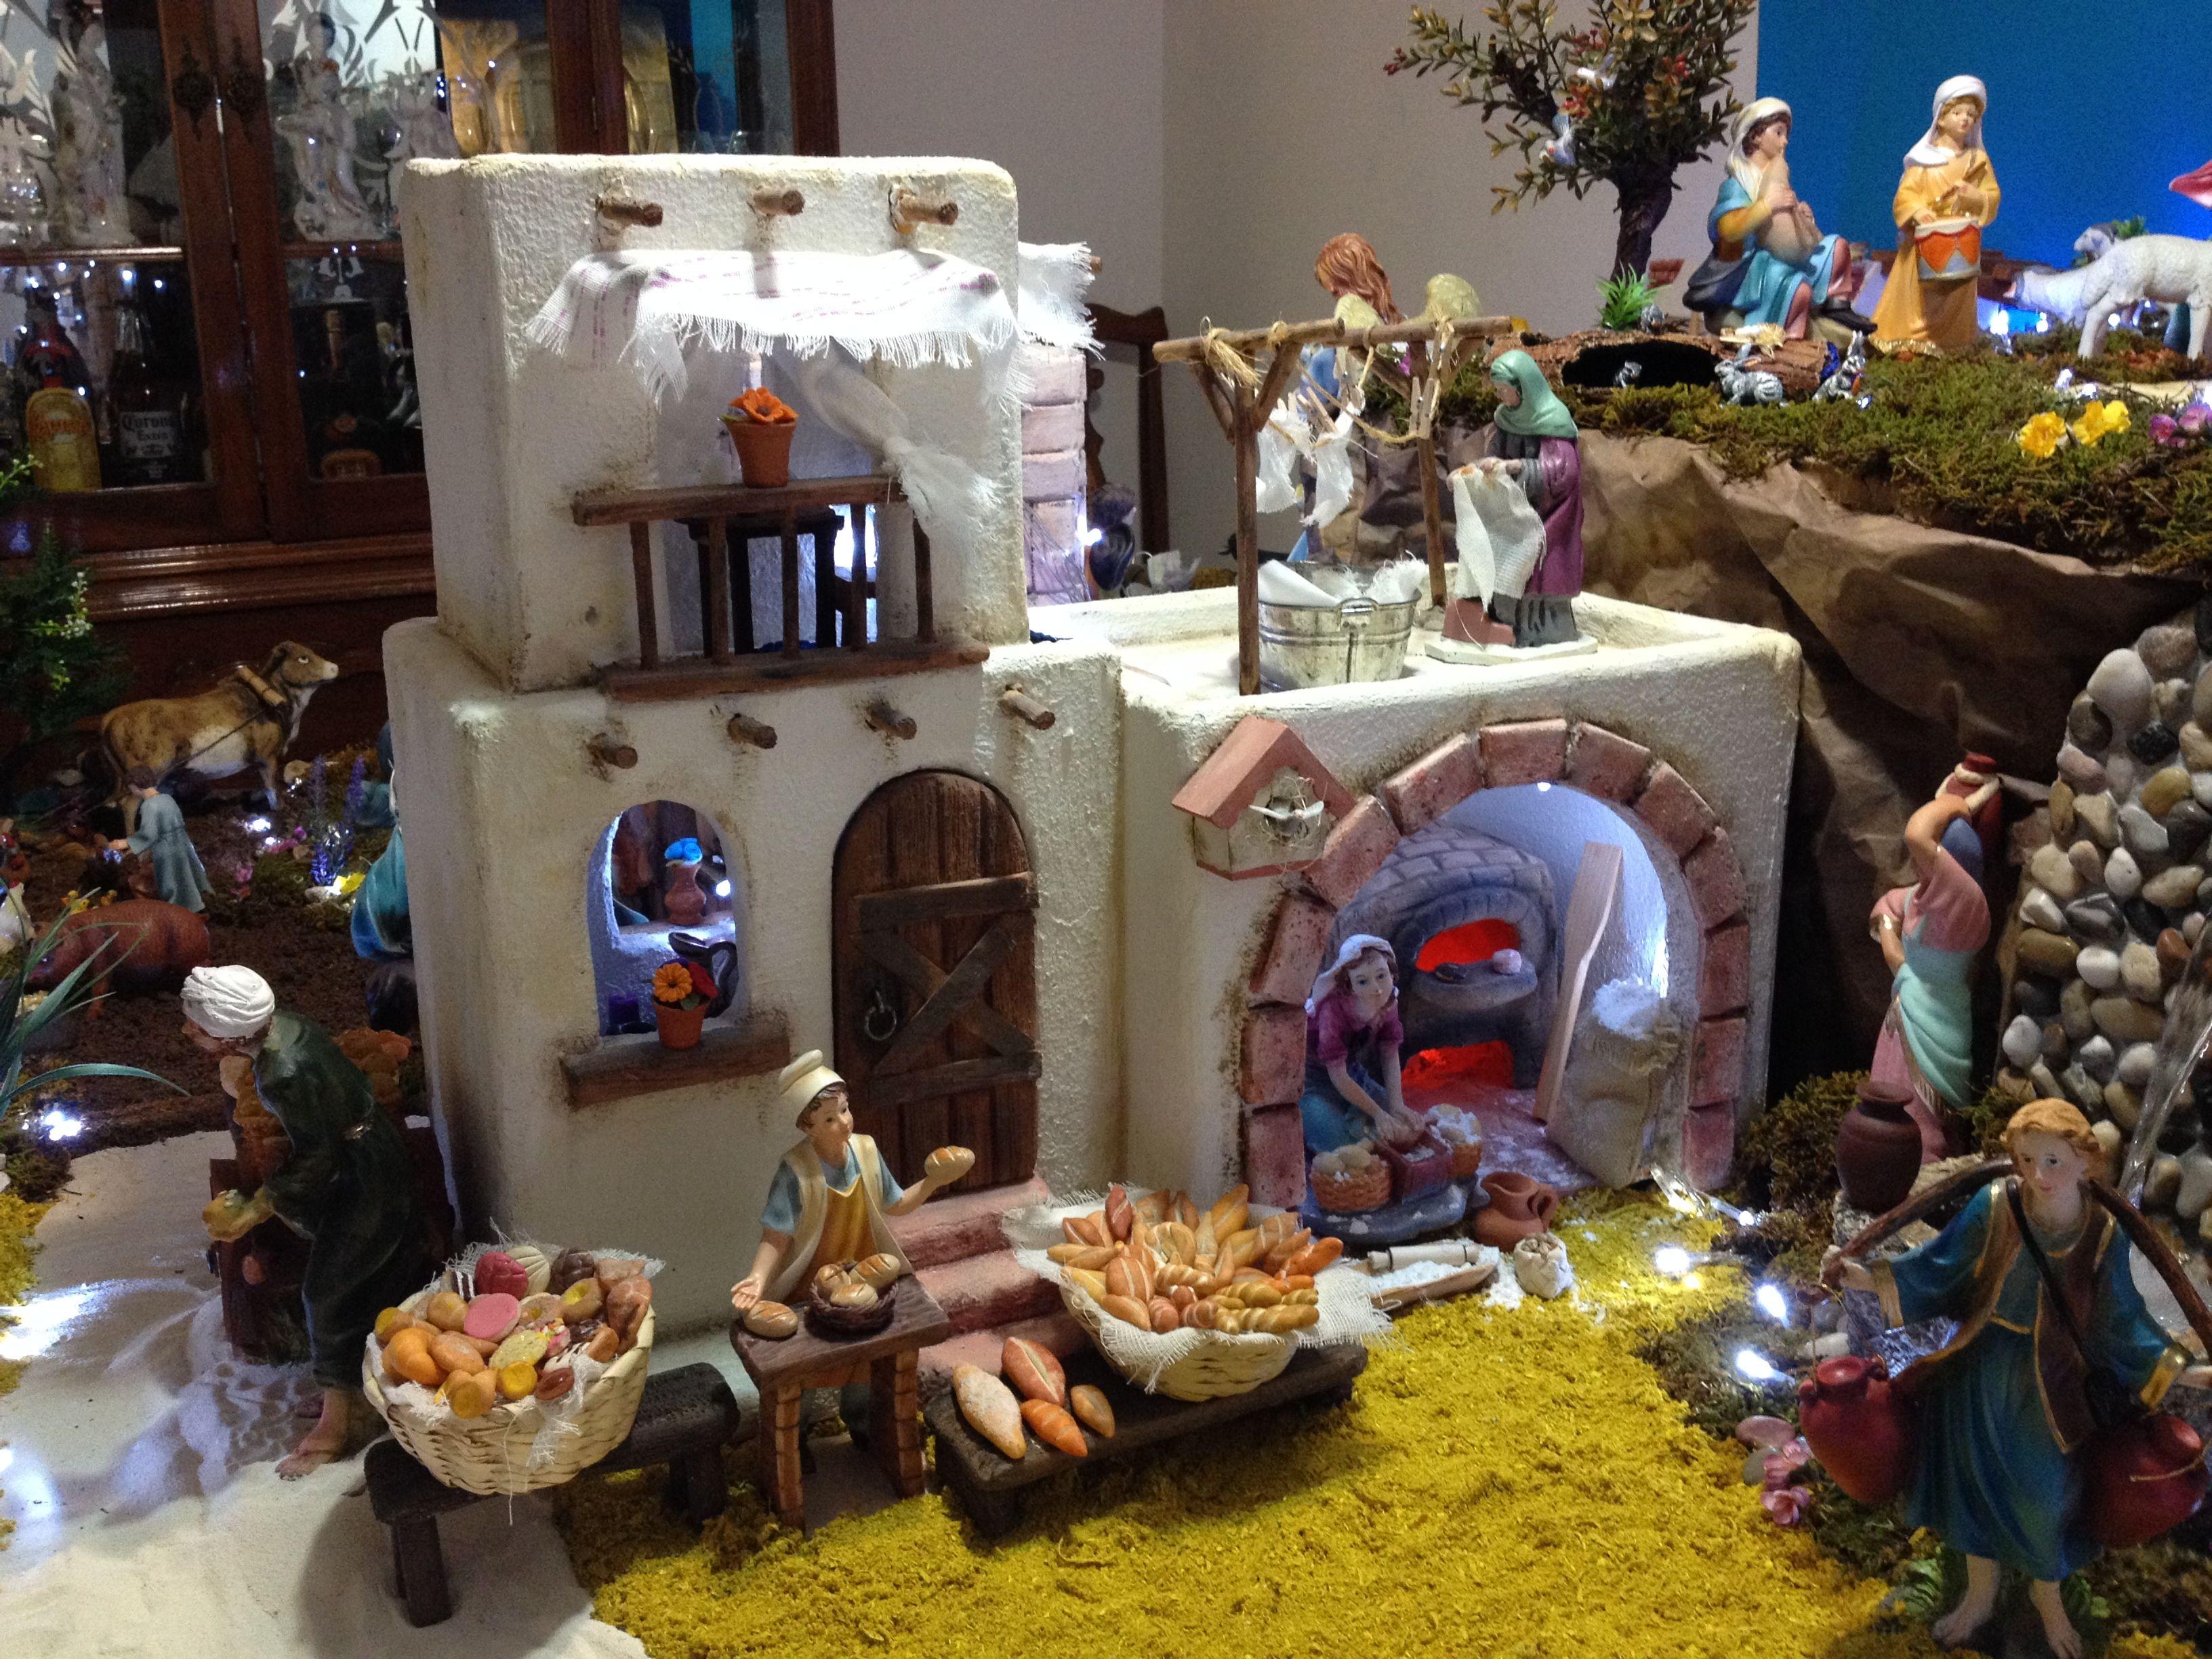 Nacimiento bel n de gabriela aranda 2013 guadalajara m xico panader a belenes pinterest - Nacimiento para navidad ...